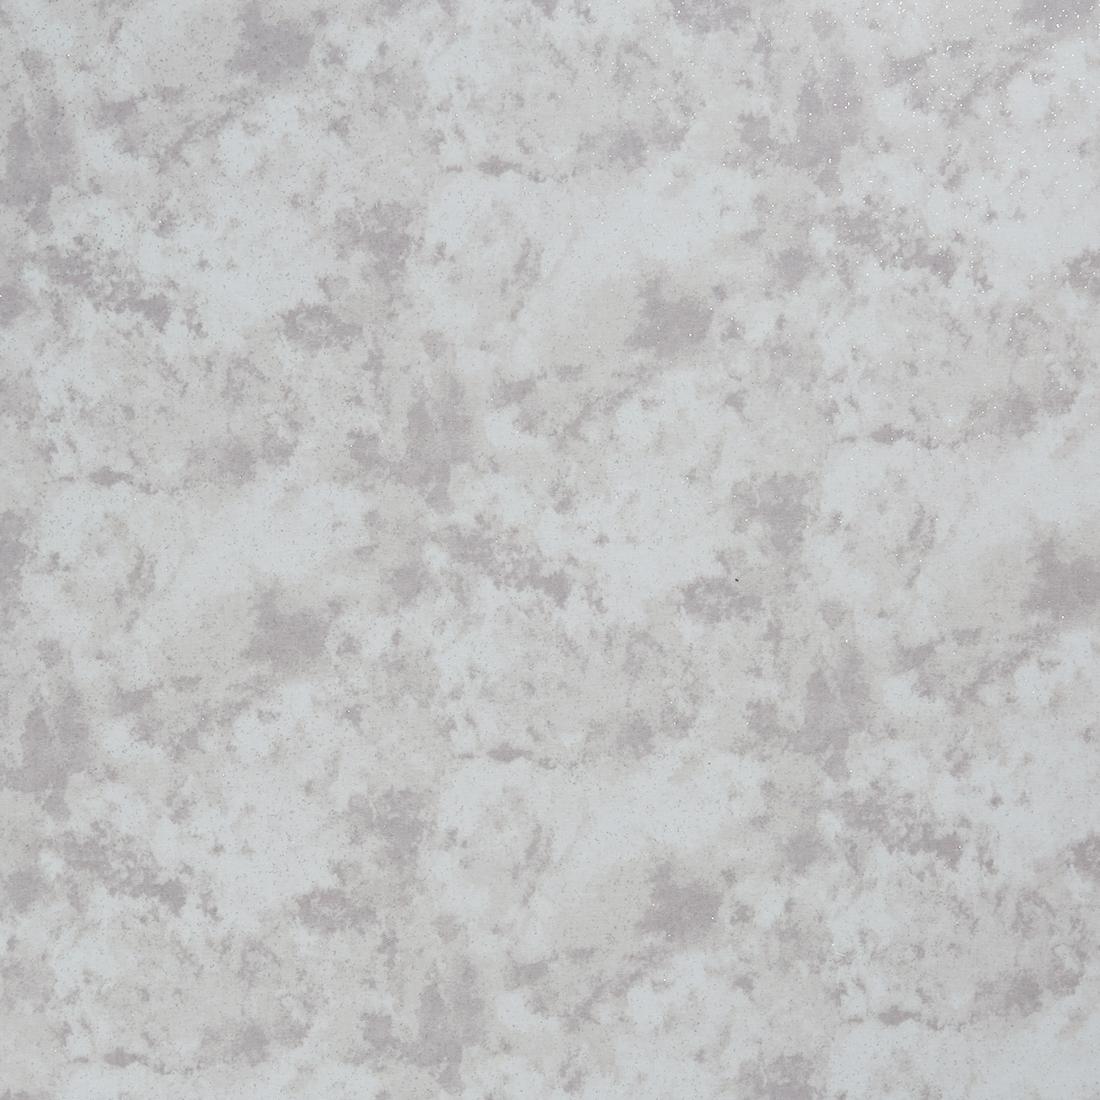 Sparkle Blender Fog Craft Fabric